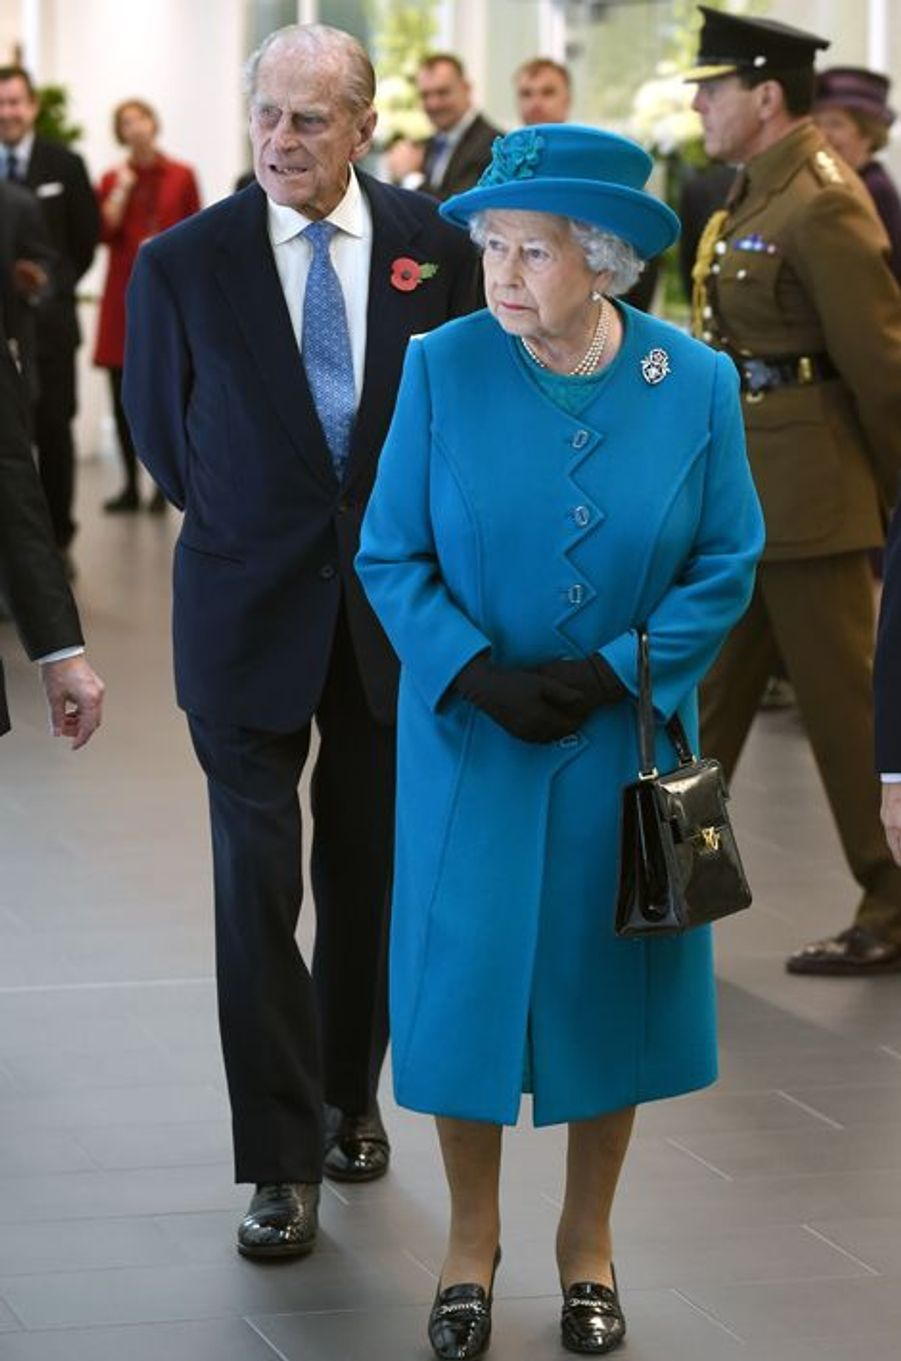 La reine Elisabeth II d'Angleterre inaugure la nouvelle usine Jaguar Land Rover à Wolverhampton le 30 octobre 2014